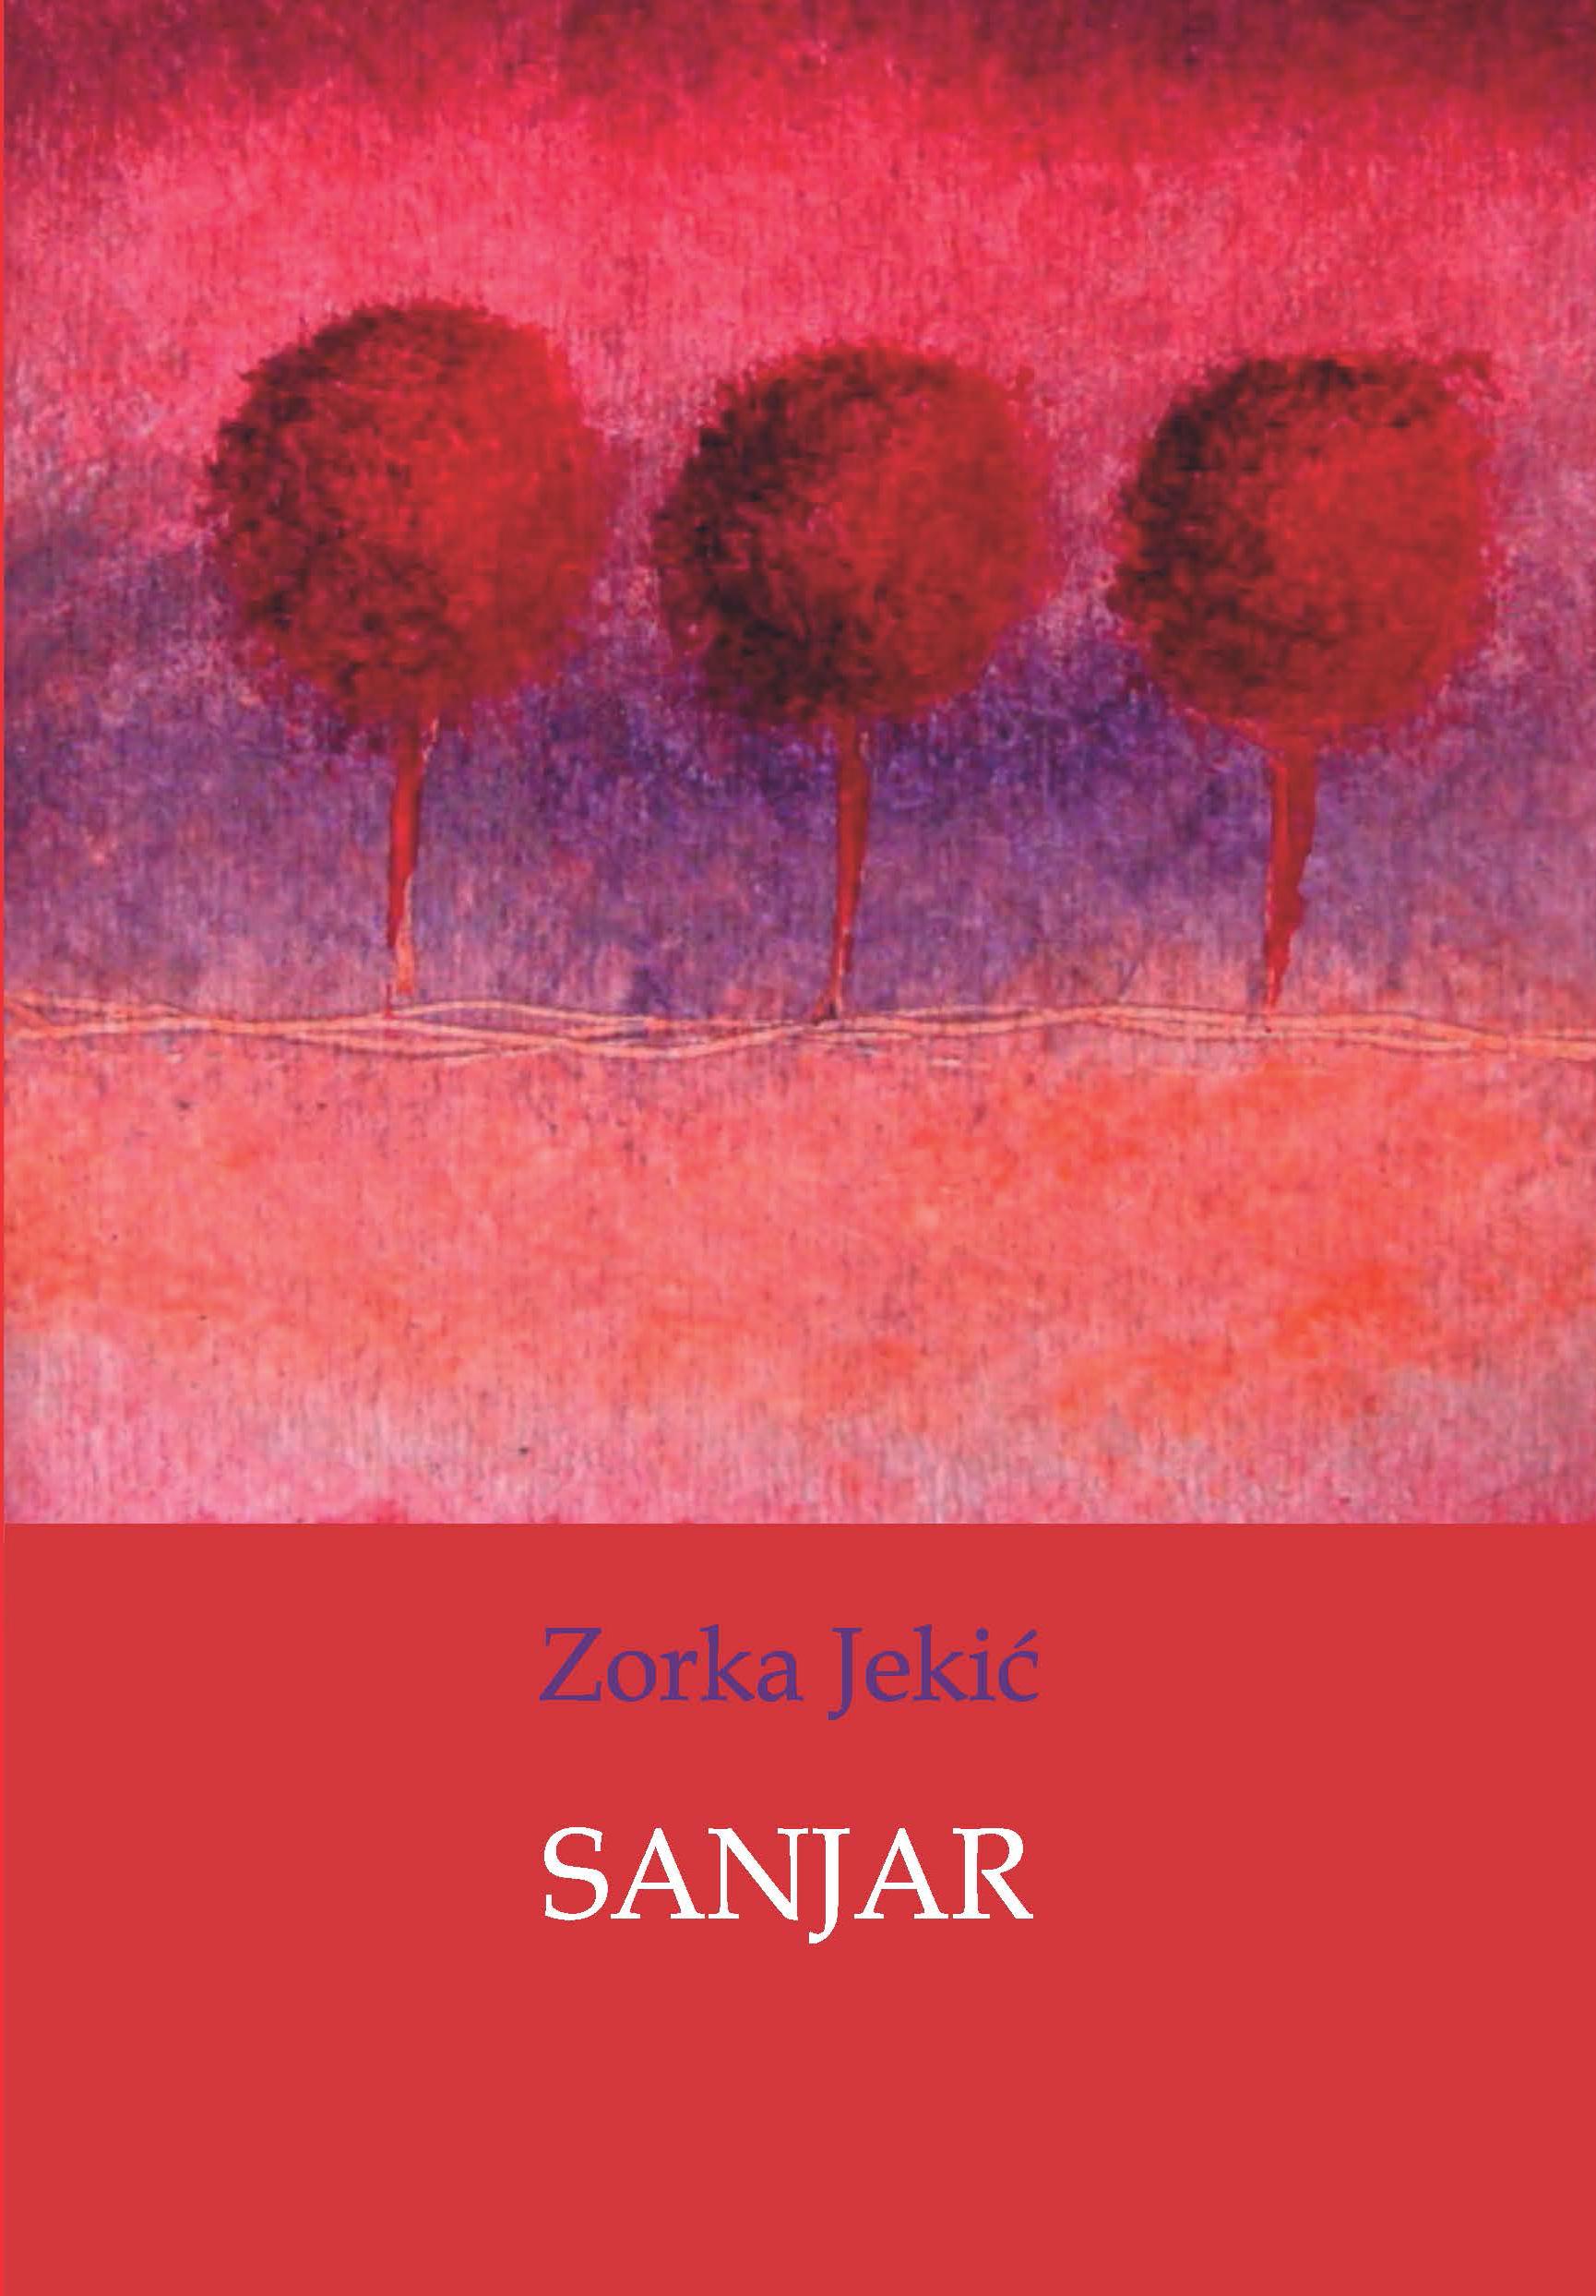 sanjar-naslovnica